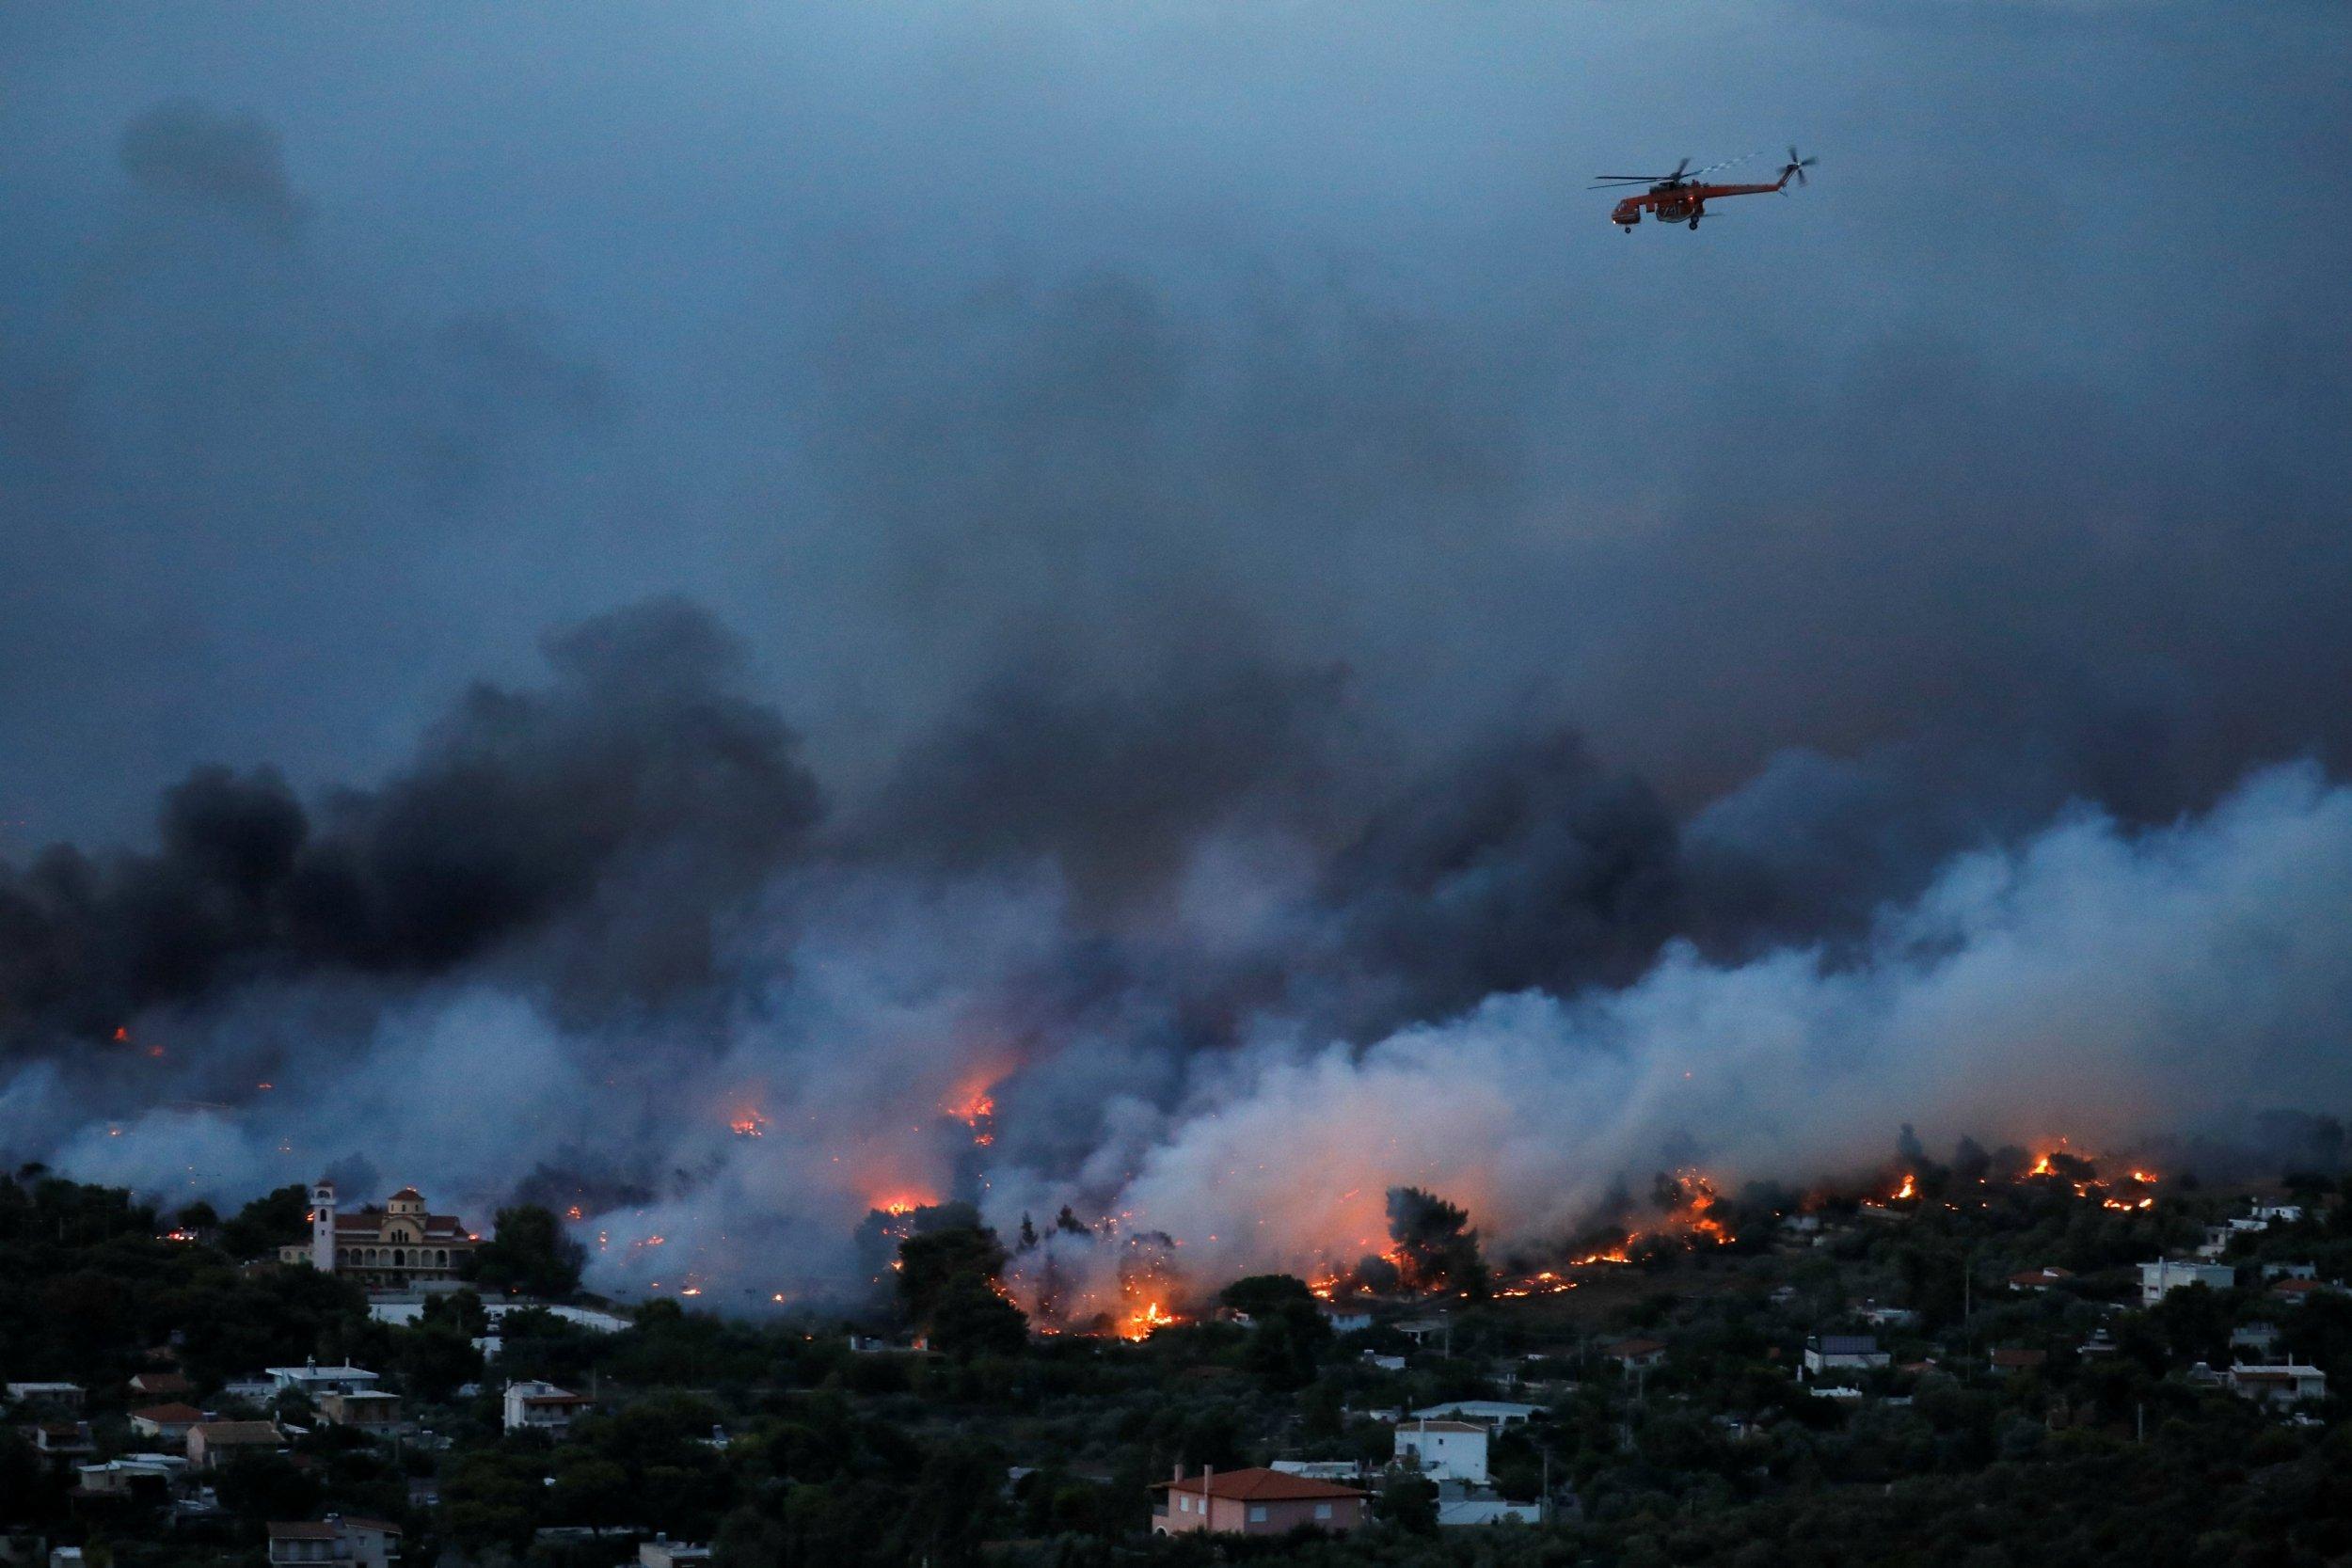 Грект ой хээрийн түймэр гарч, 83 иргэн амиа алдаад байна